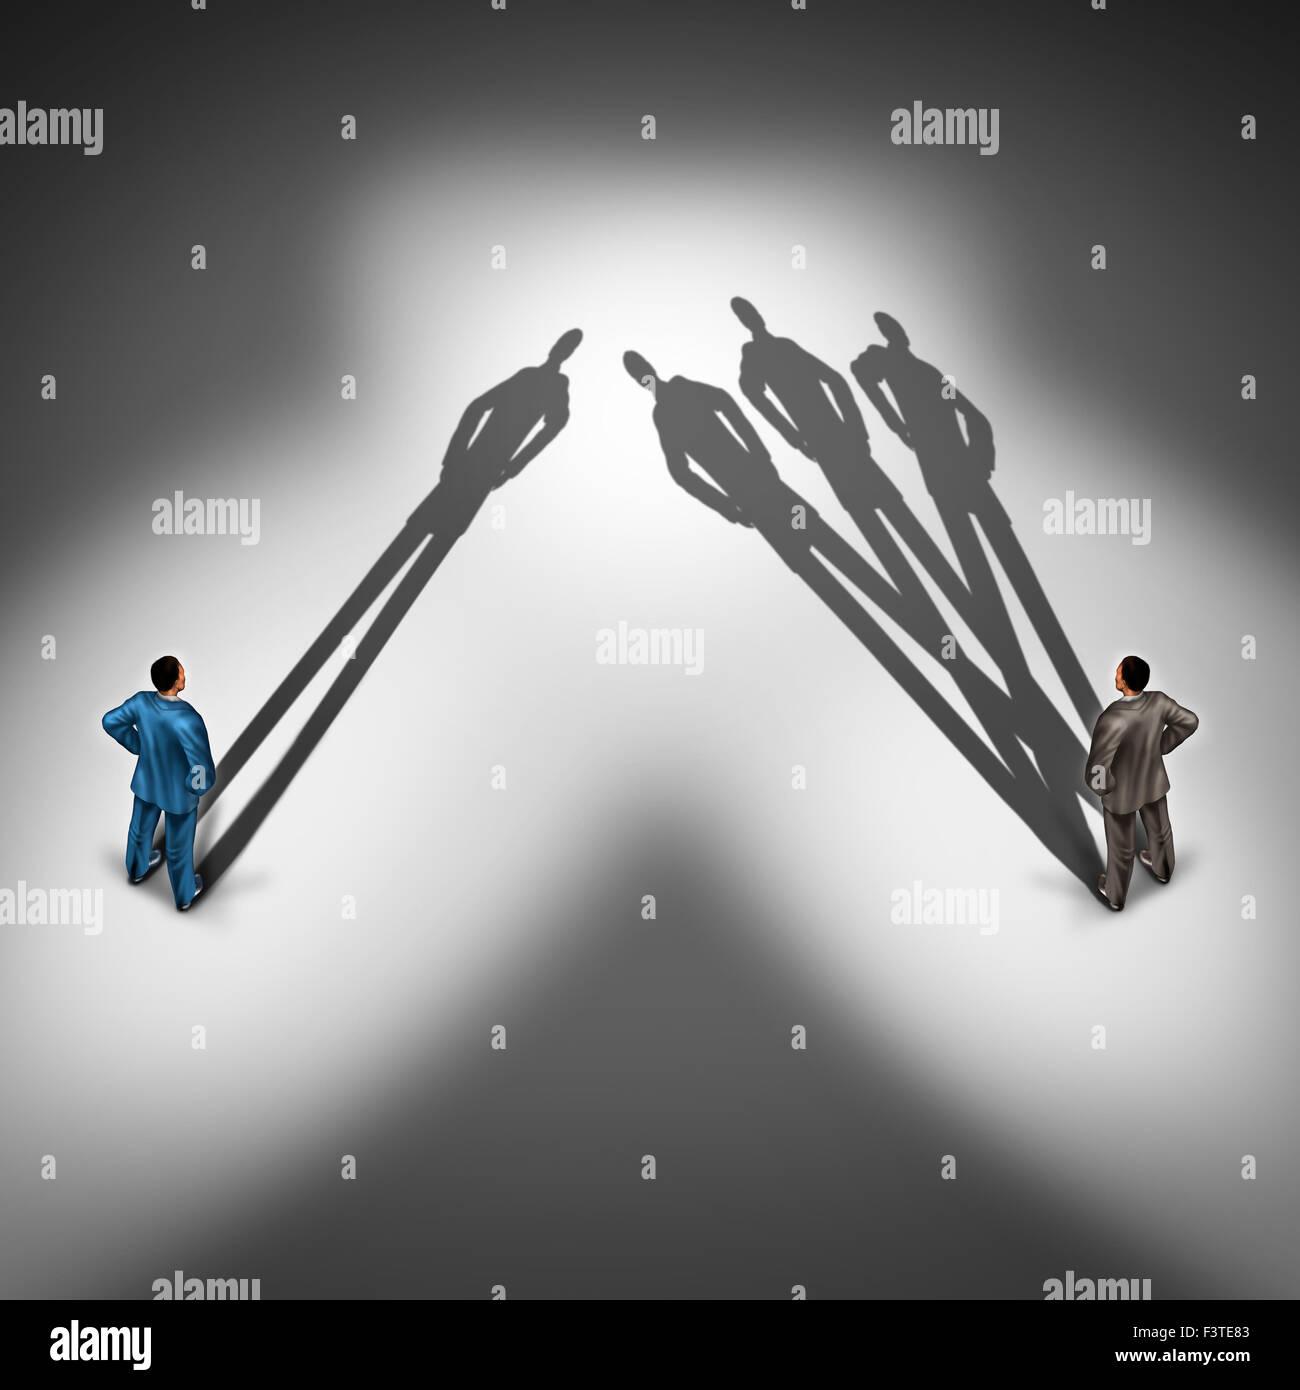 Arbeitskraft Produktivität Konzept und produktive Mitarbeiter Symbol als zwei Geschäftsleute mit einer Stockbild